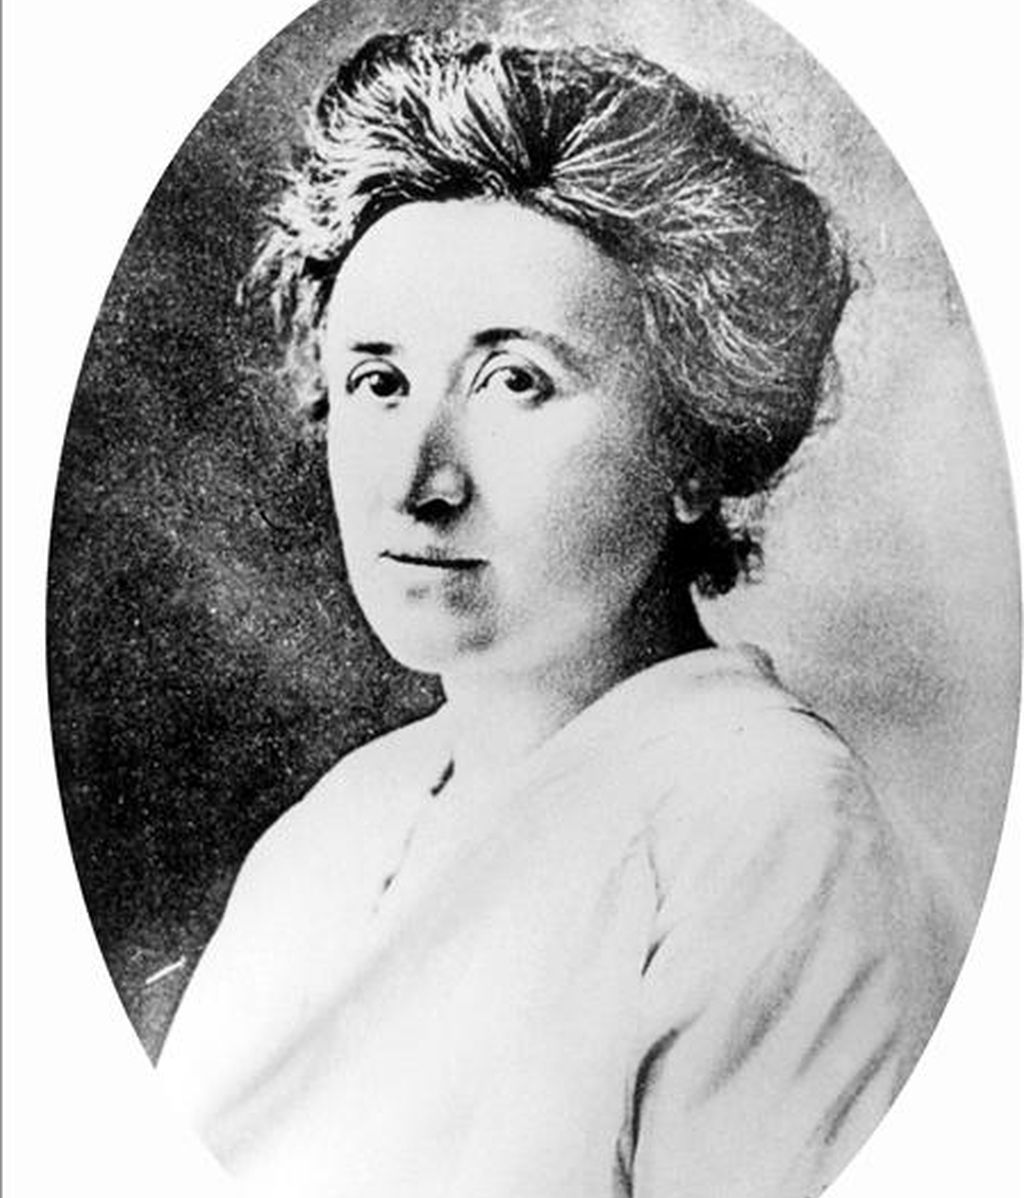 Fotografía fechada en Berlín, en 1919, de Rosa Luxemburgo fundadora, junto con Karl Liebknecht , del Partido Comunista Alemán en 1918. EFE/Archivo